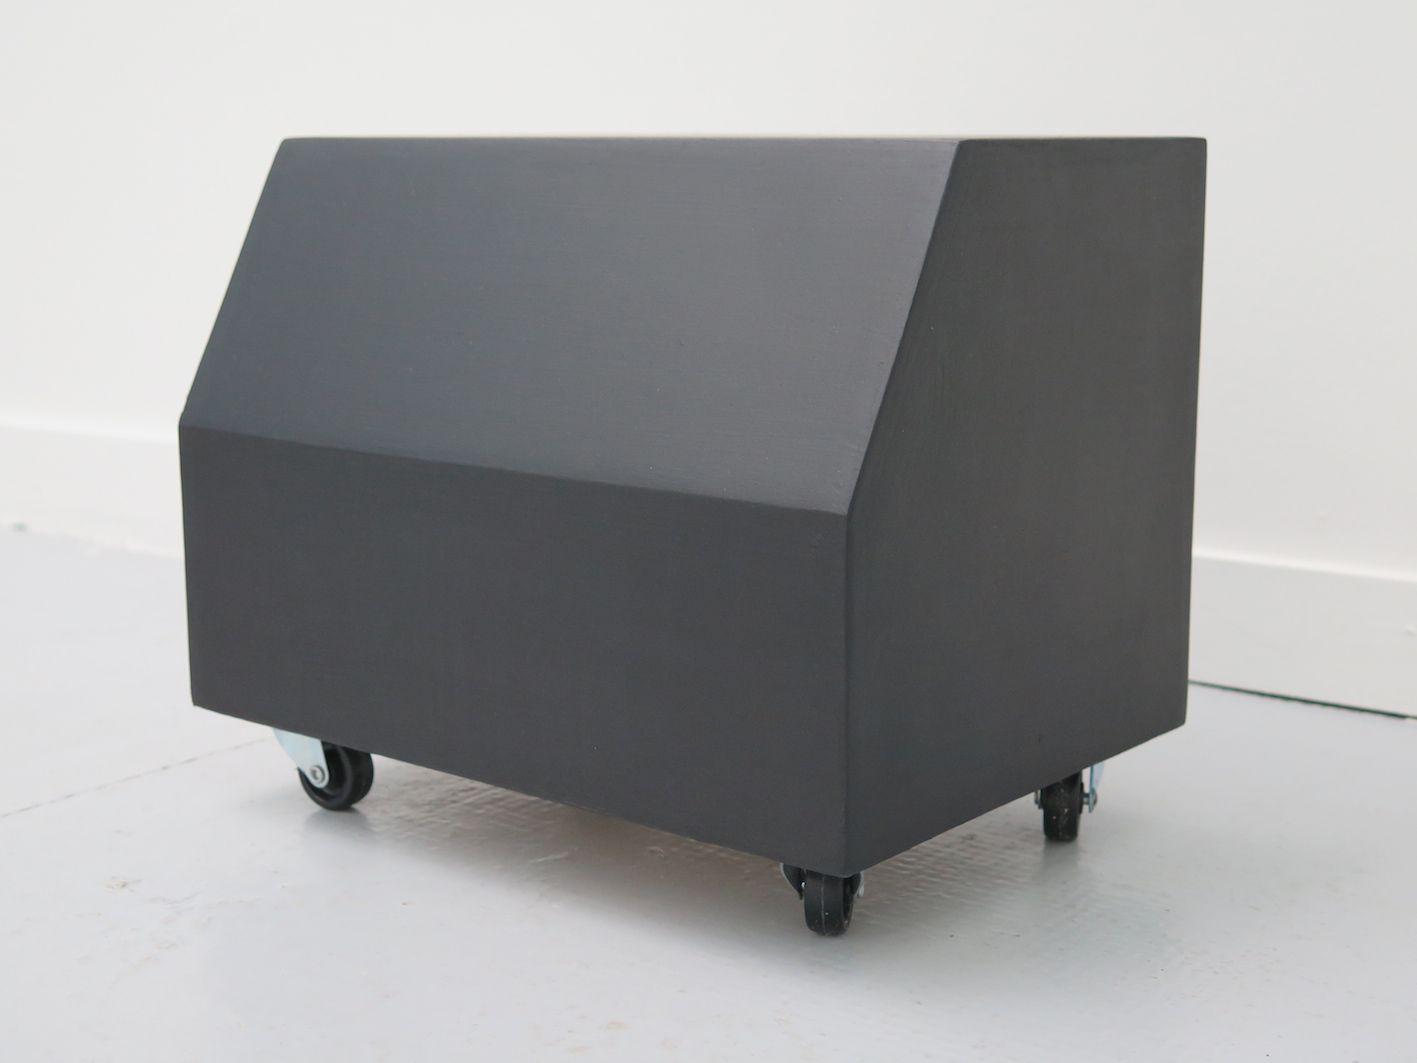 gilles-elie-atelier-mobile-2-2016-bois-peinture-acrylique-roulettes-25x60x25-cm-d7adaa7ef301cd365a0d46f00a494357